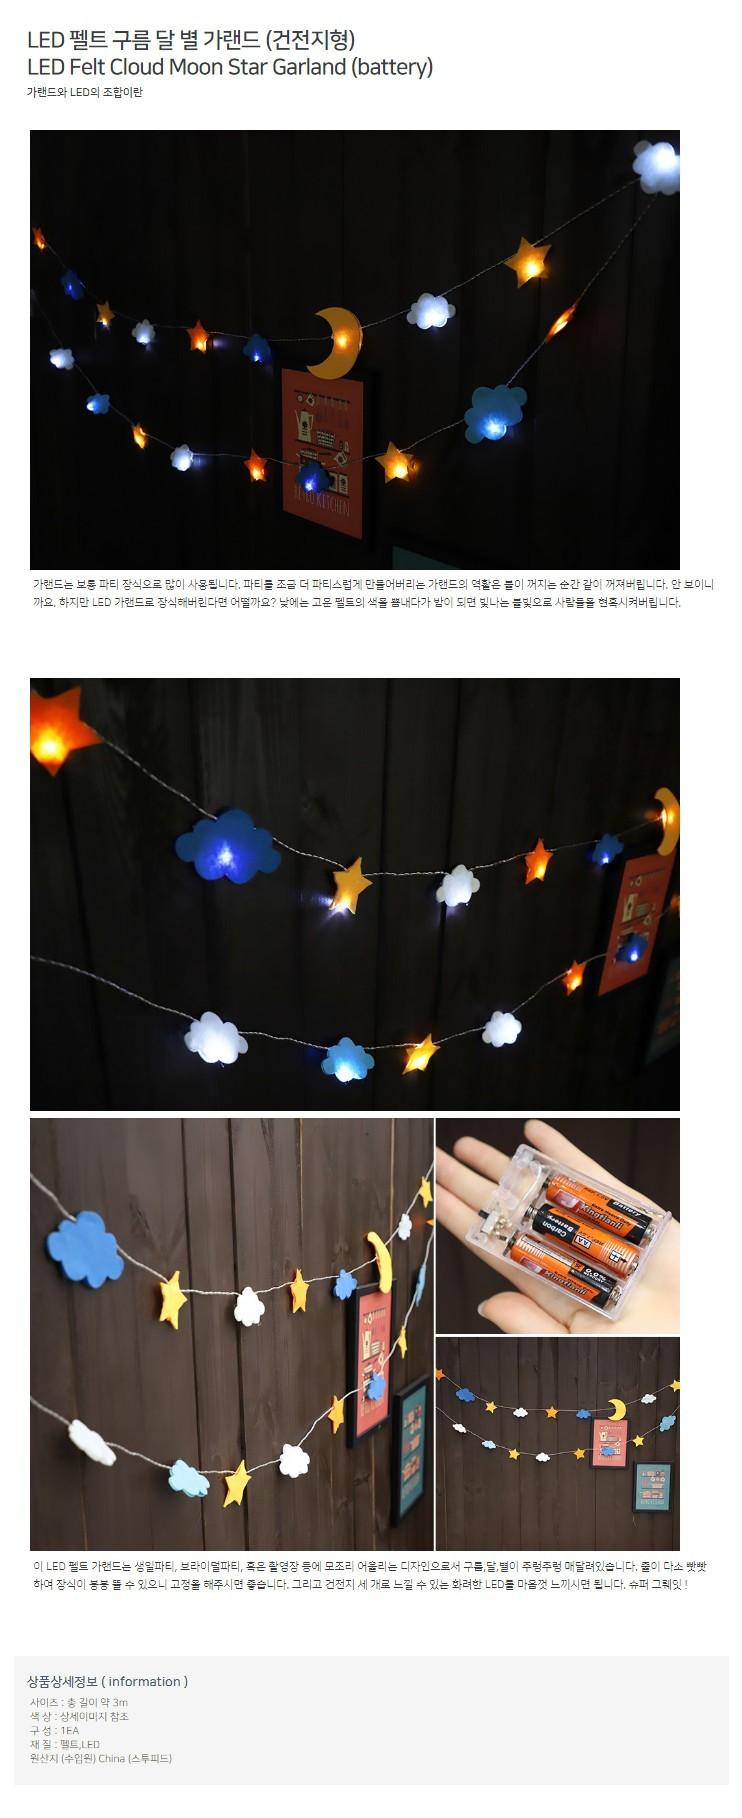 LED 펠트 구름 달 별 가랜드 (건전지형) - 대한민국기획1팀, 13,000원, 파티용품, 가랜드/배너/현수막